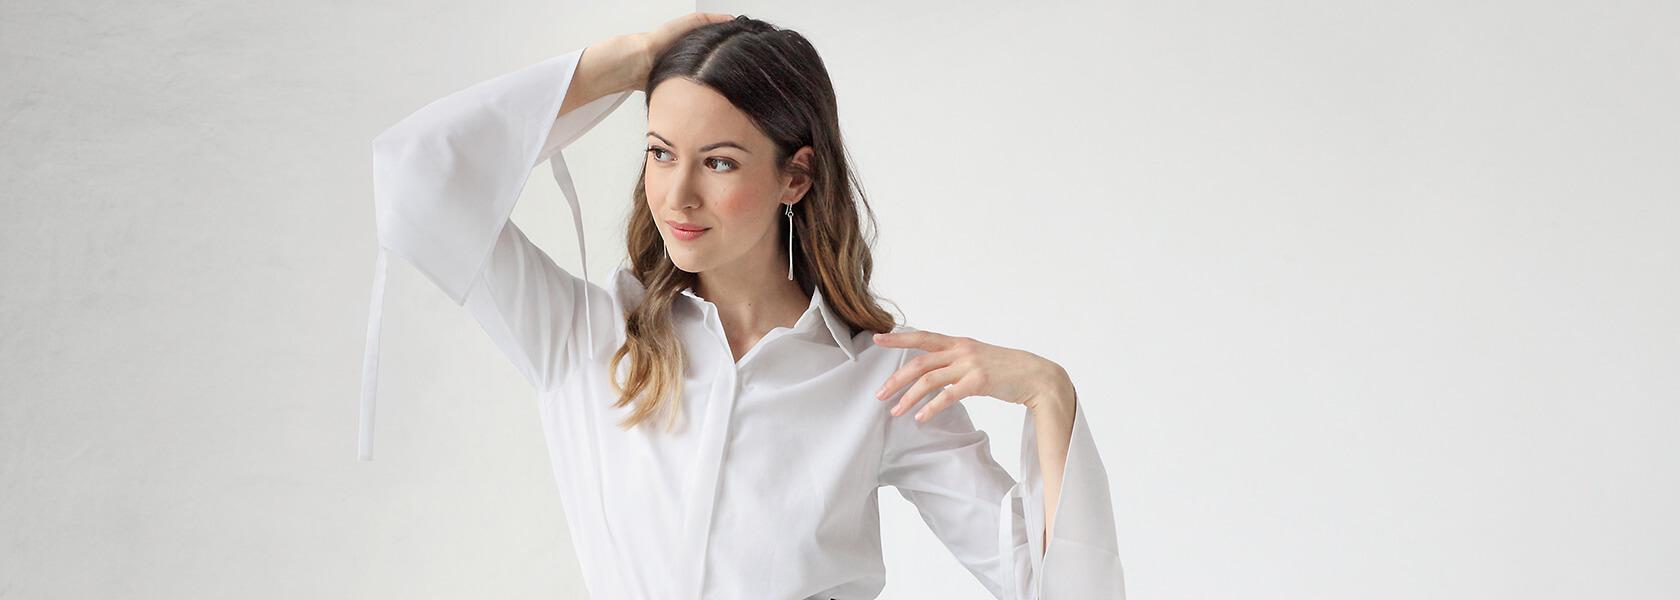 Frau in Tencel-Hose und weißer Bluse